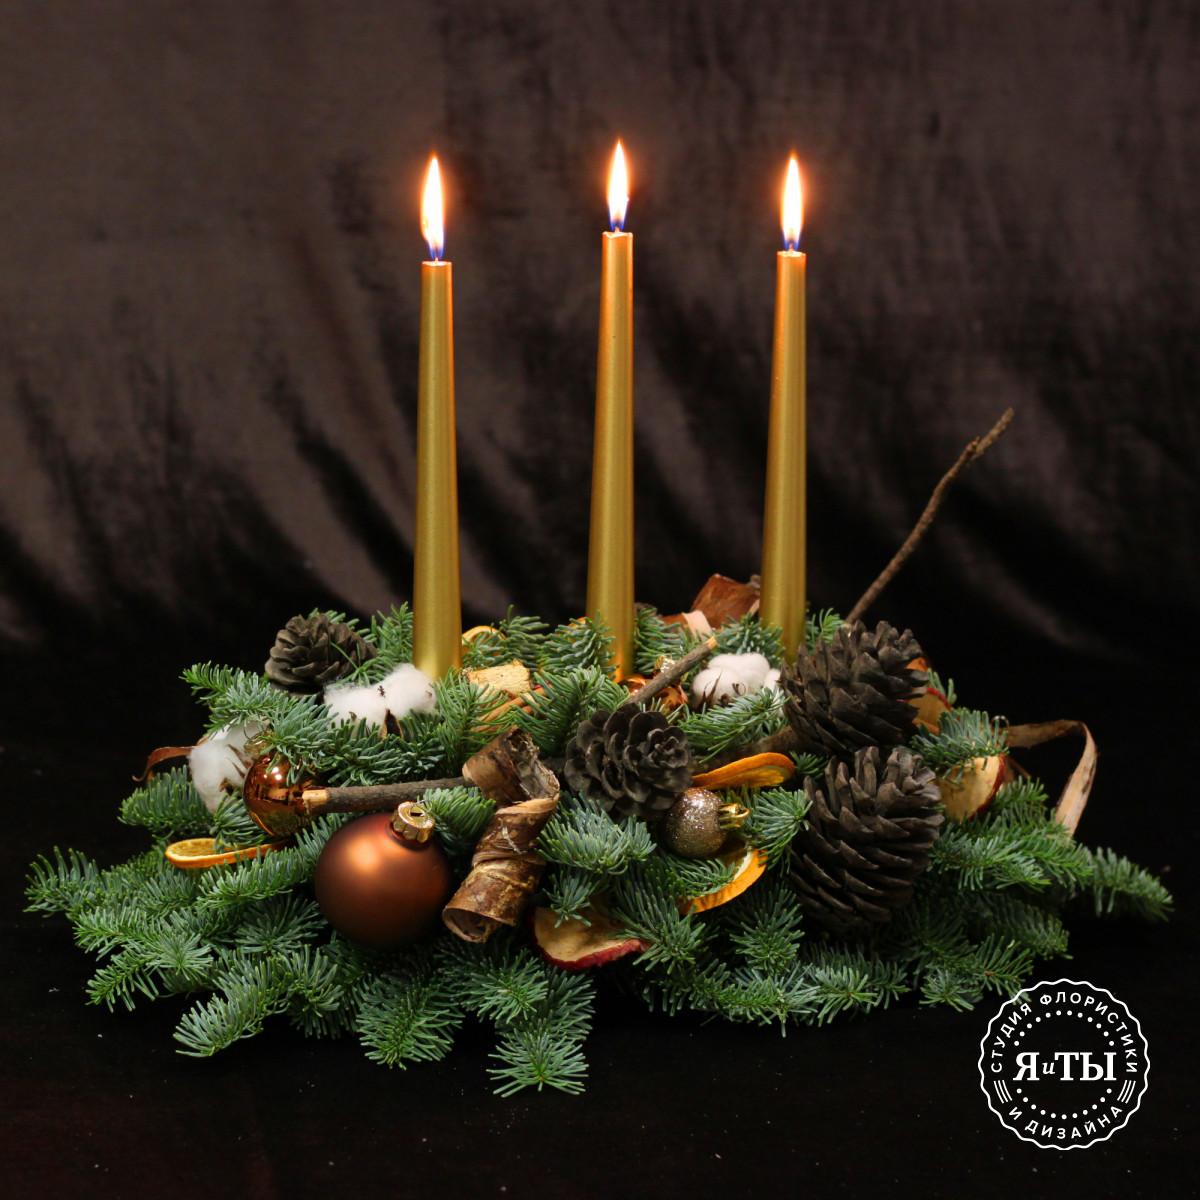 Вытянутая композиция с золотыми свечами